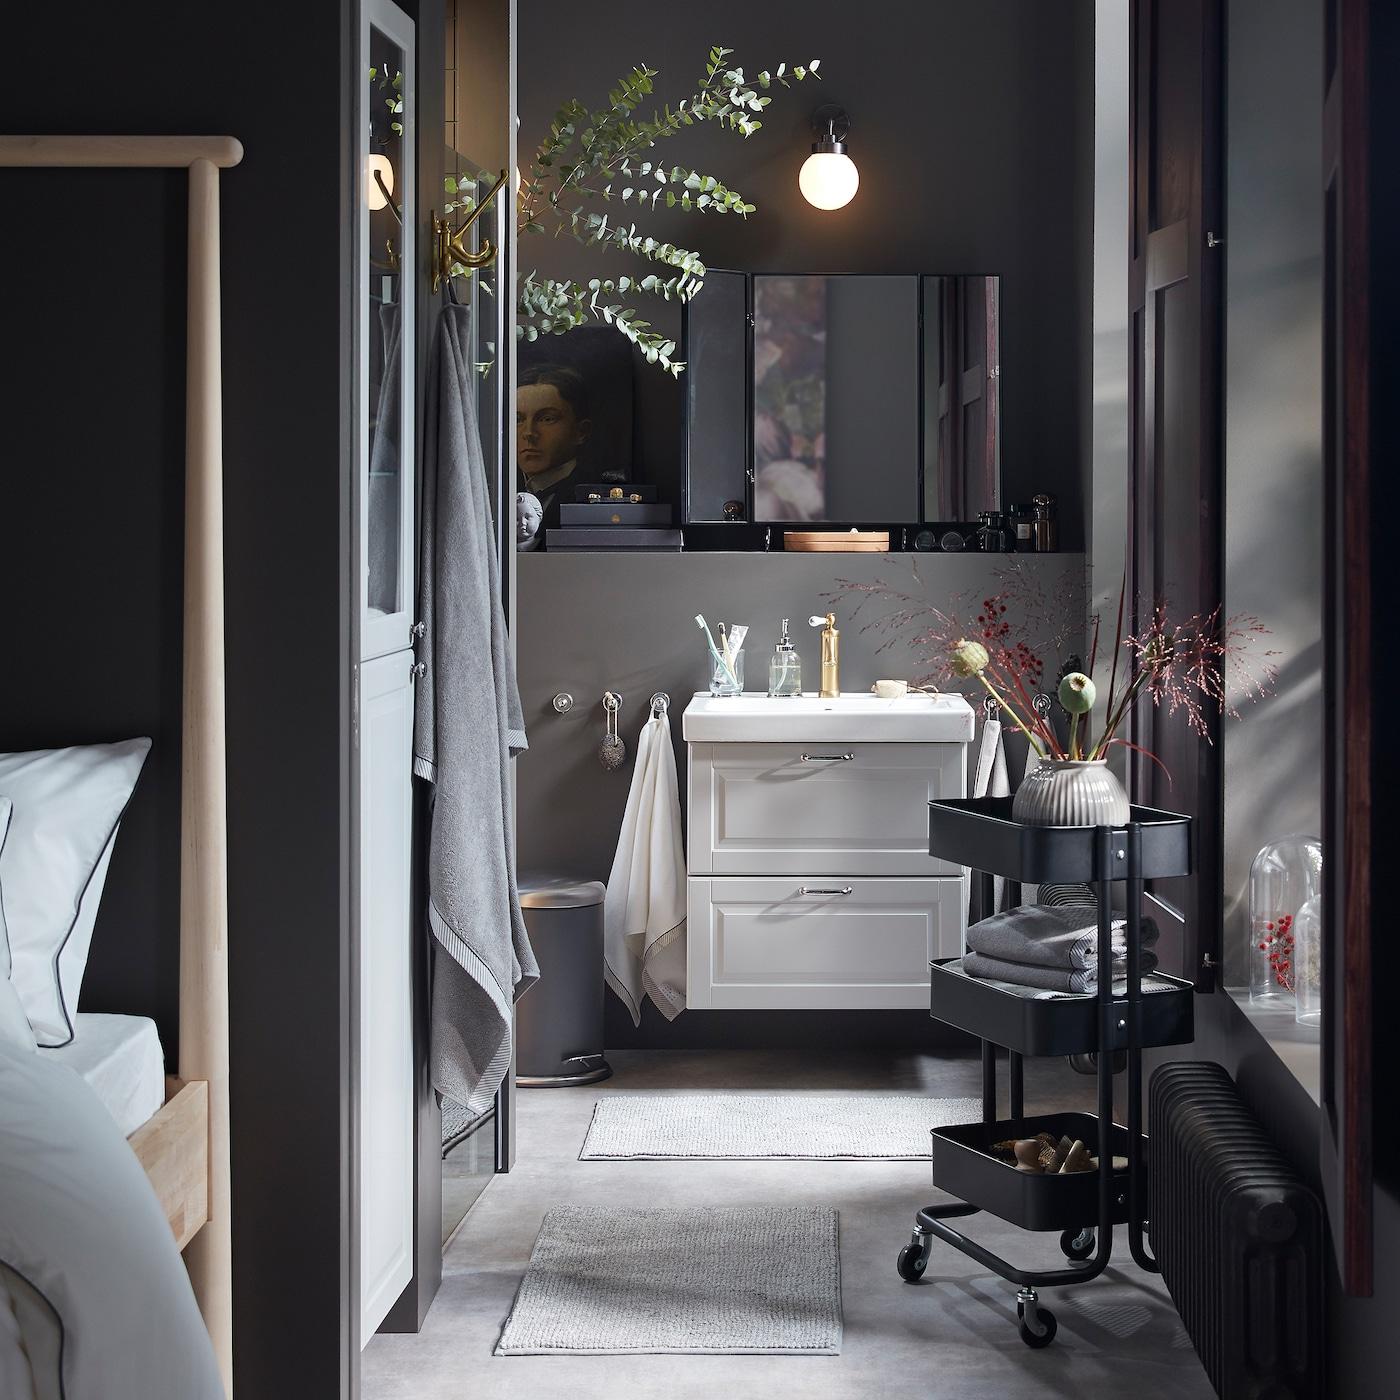 Badrum helt i grått med en kommod och högskåp i ljusgrått, svart rullvagn och många dekorativa torkade blommor.